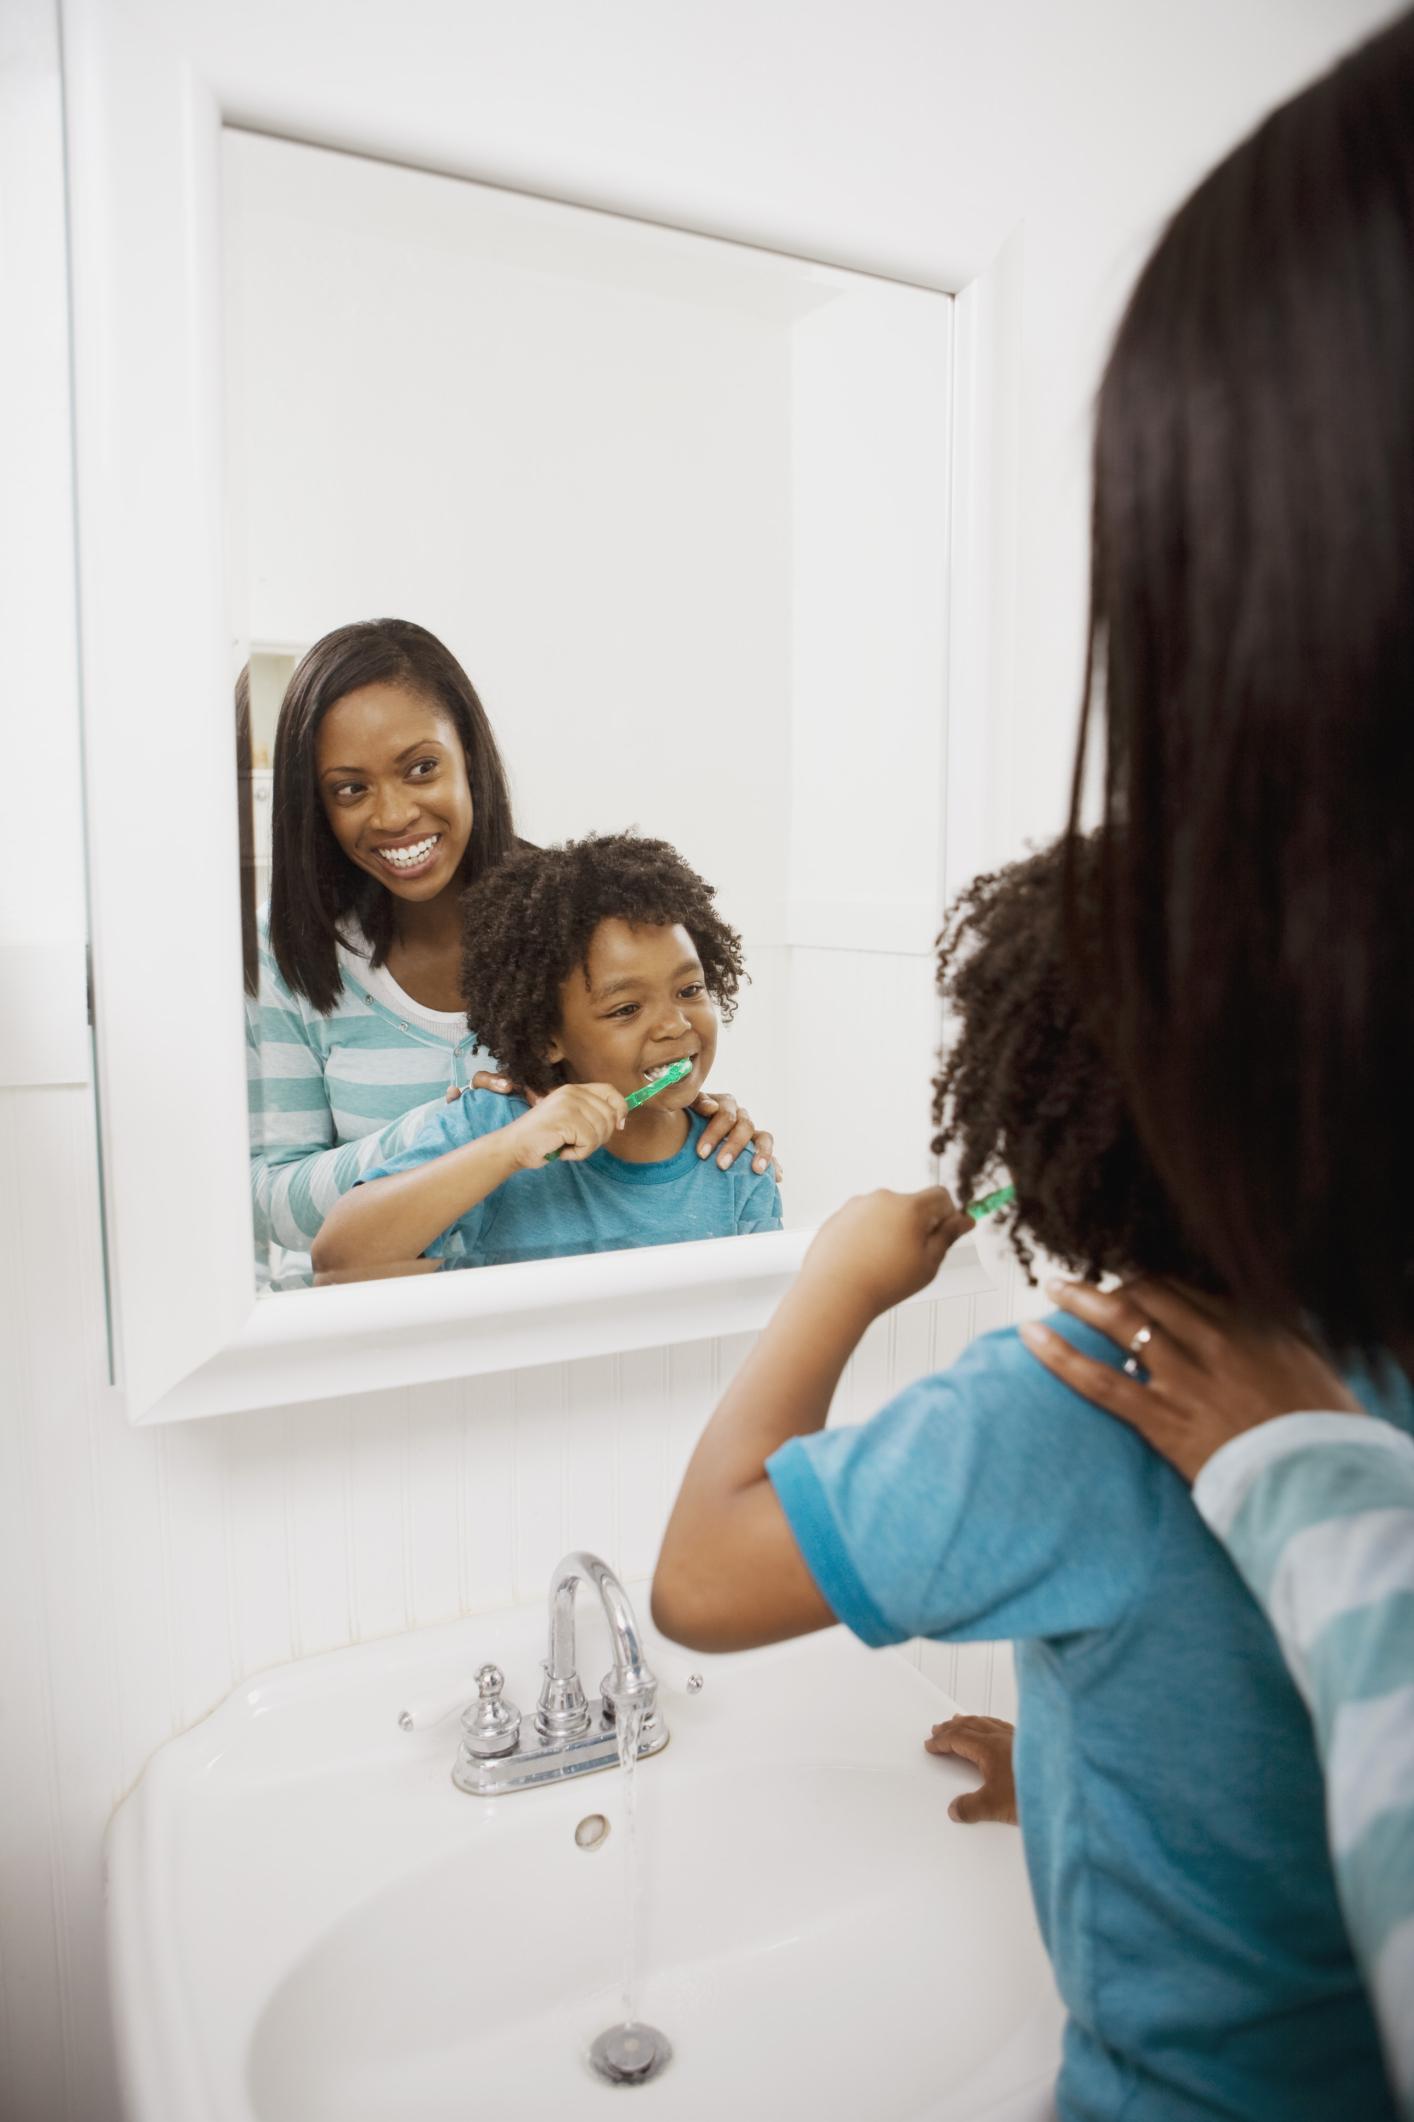 Cómo agregar molduras alrededor de un espejo del baño |